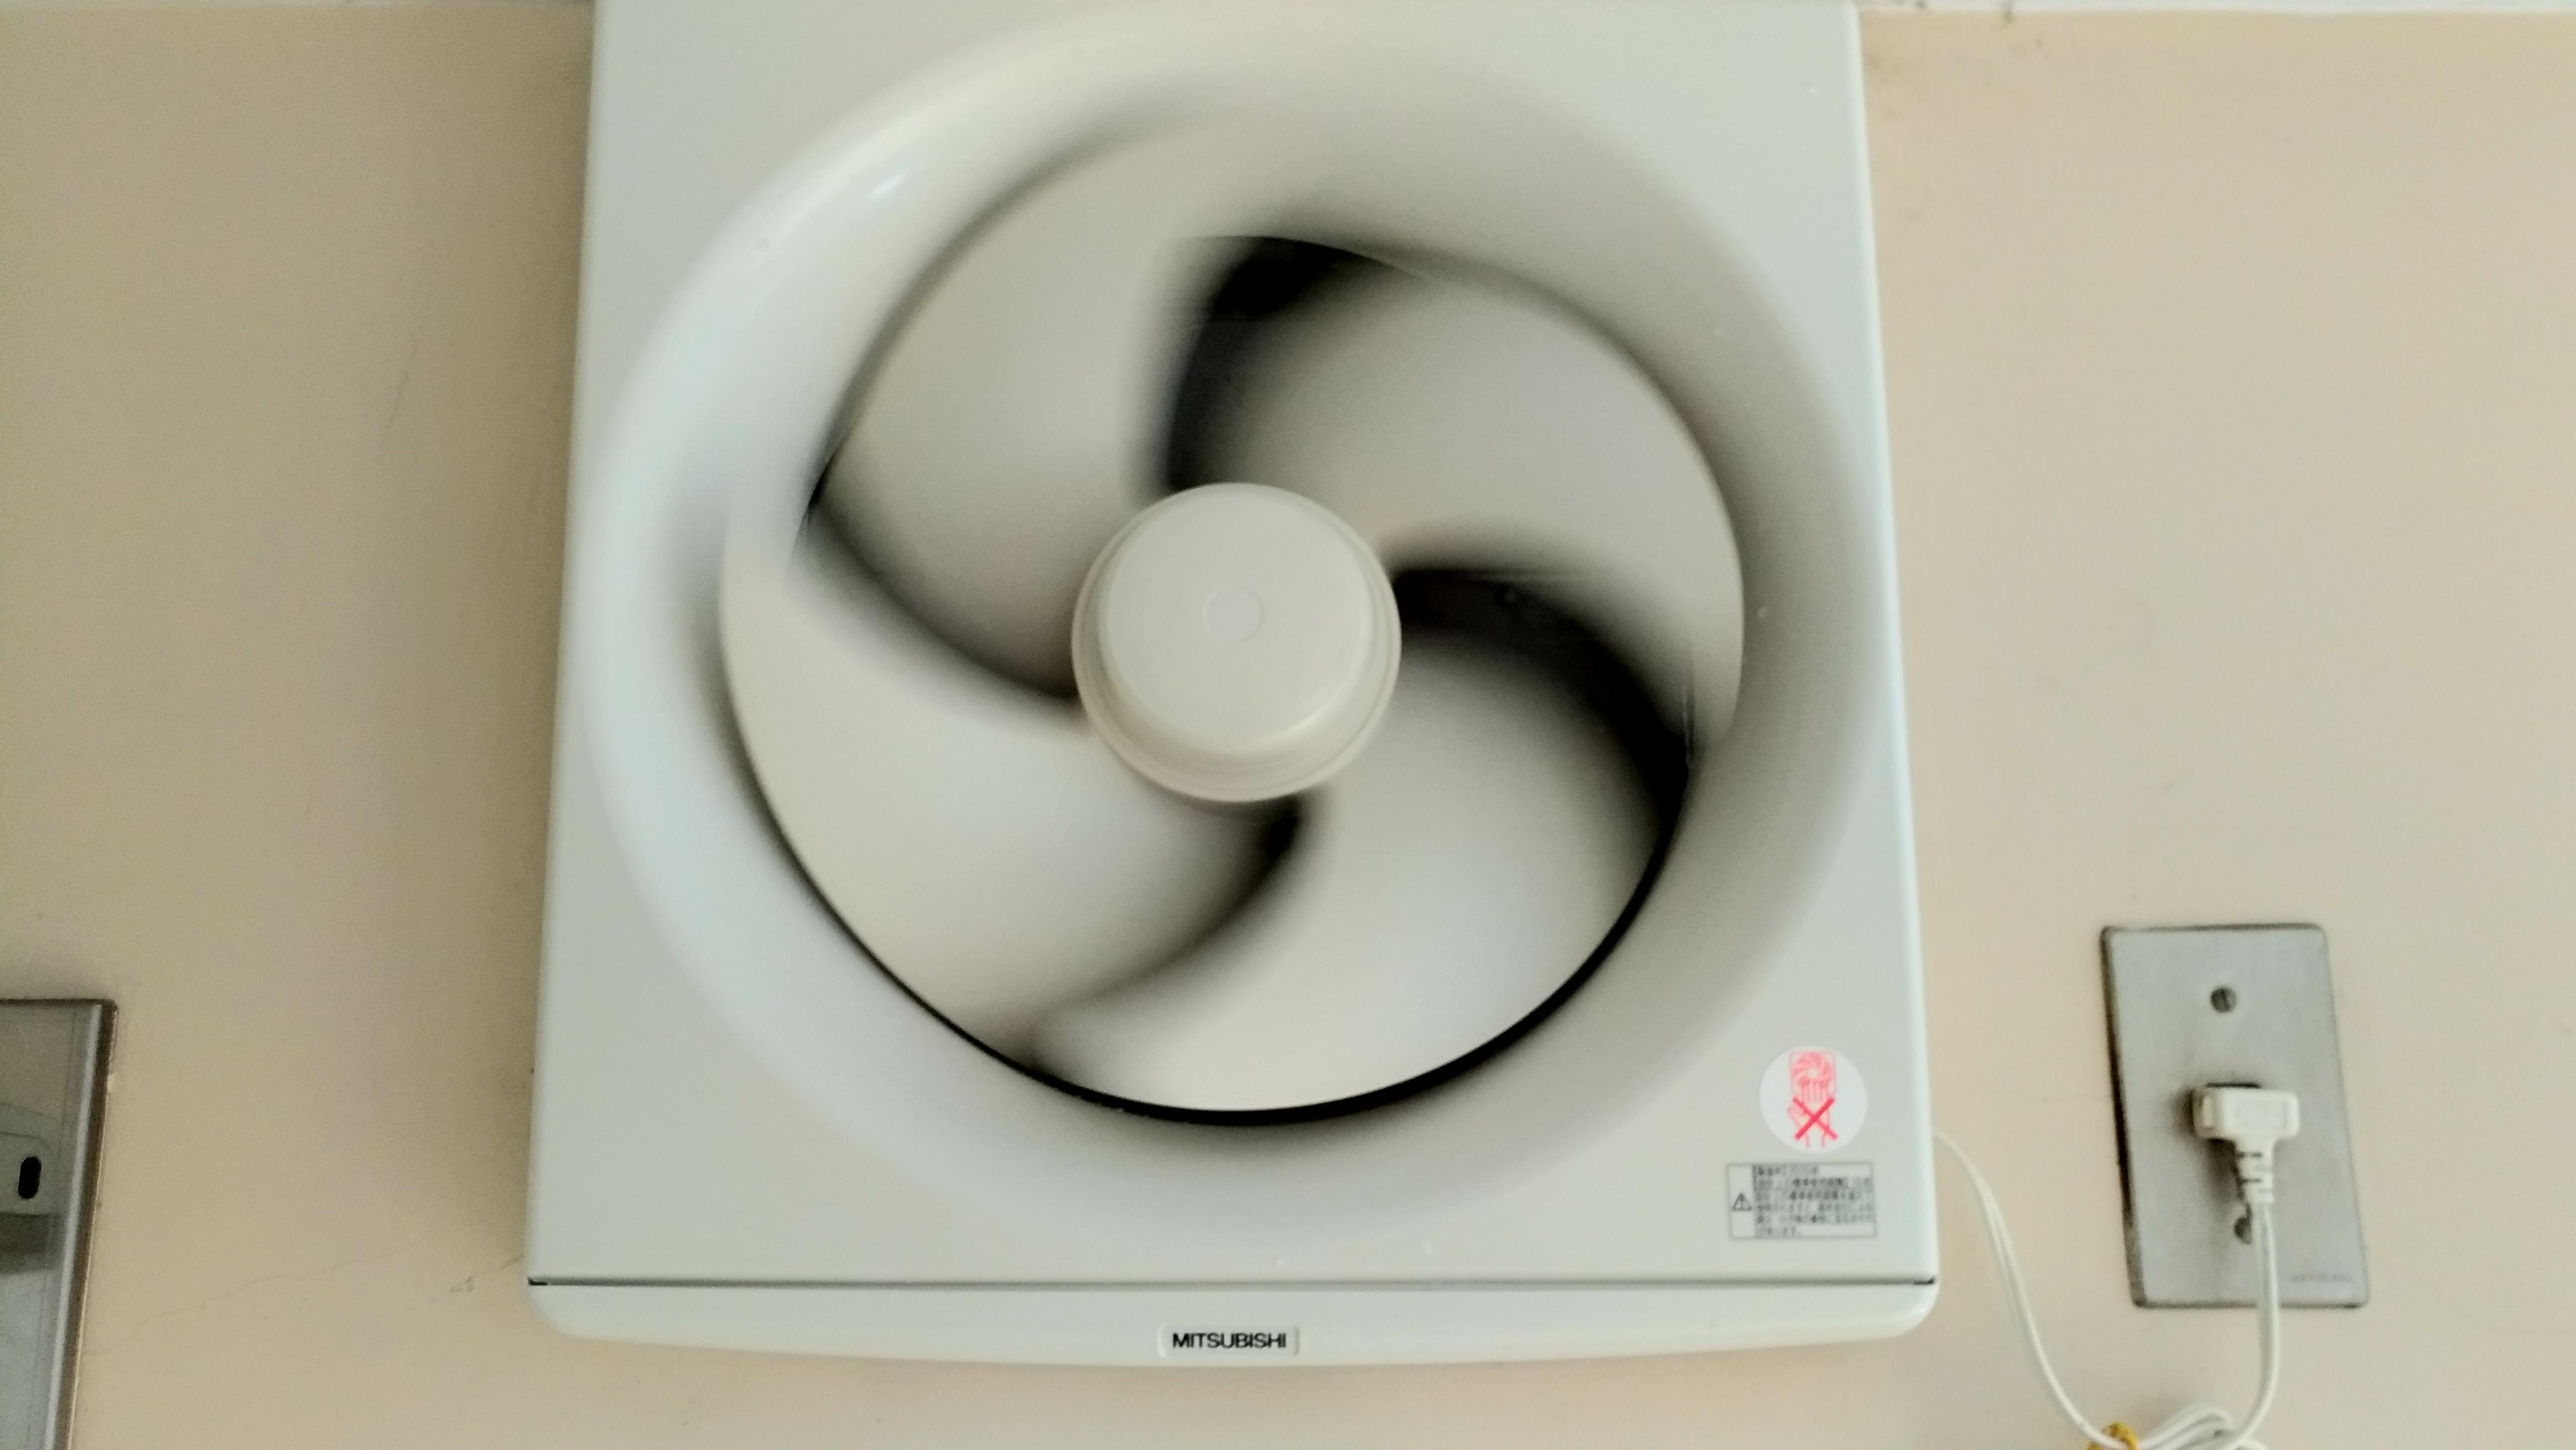 キッチンの換気扇/レンジフードの掃除方法!外し方から洗い方まで!